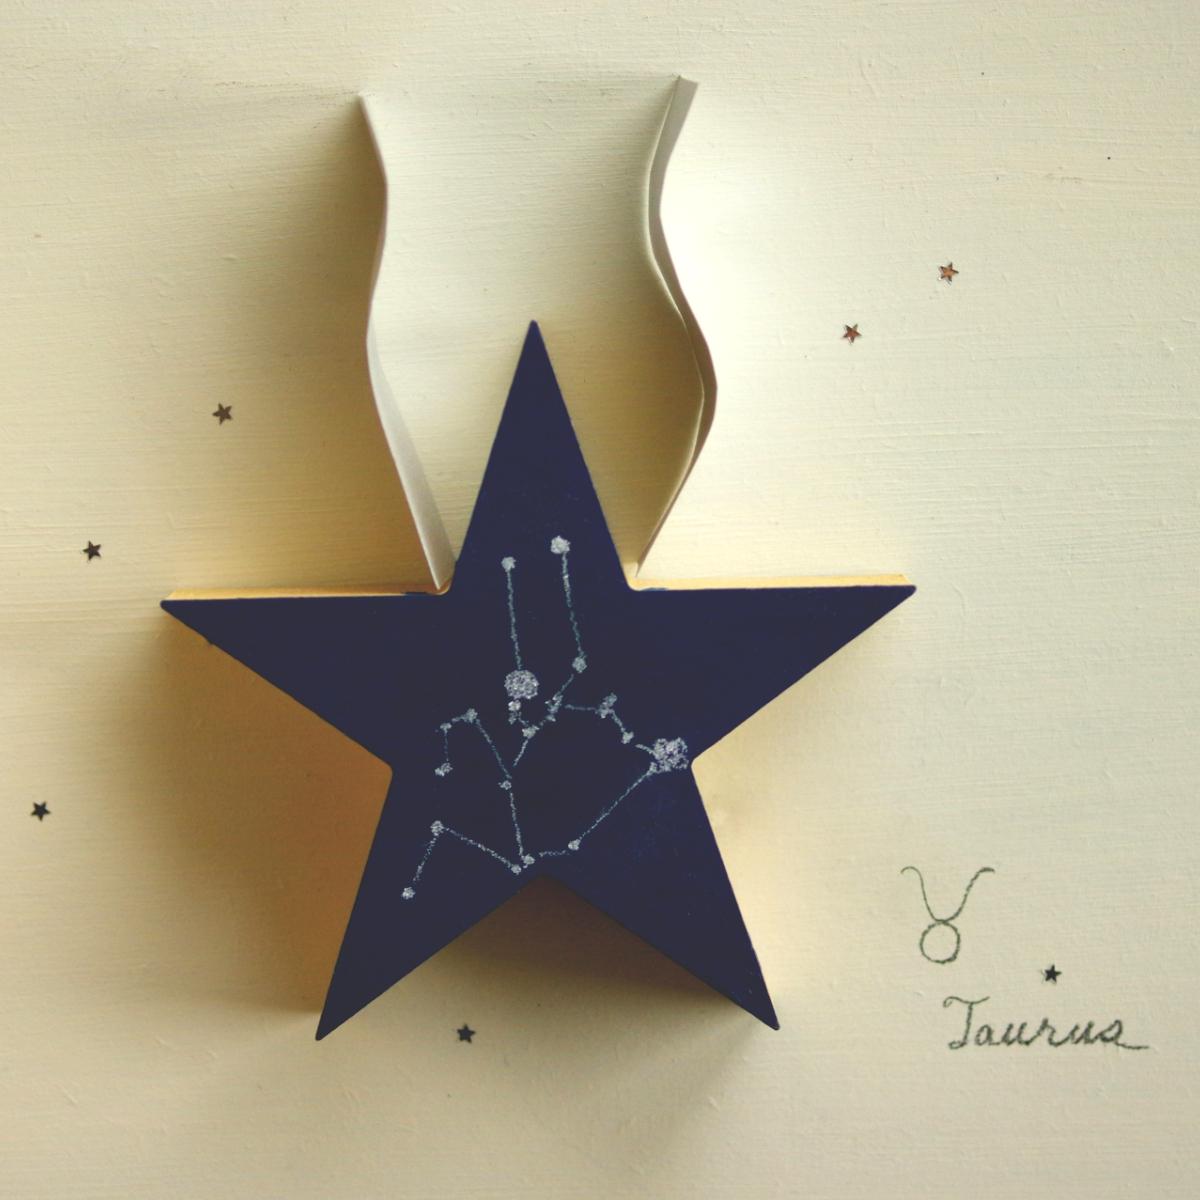 ハーブで導く!星座と精油のアロマテラピー